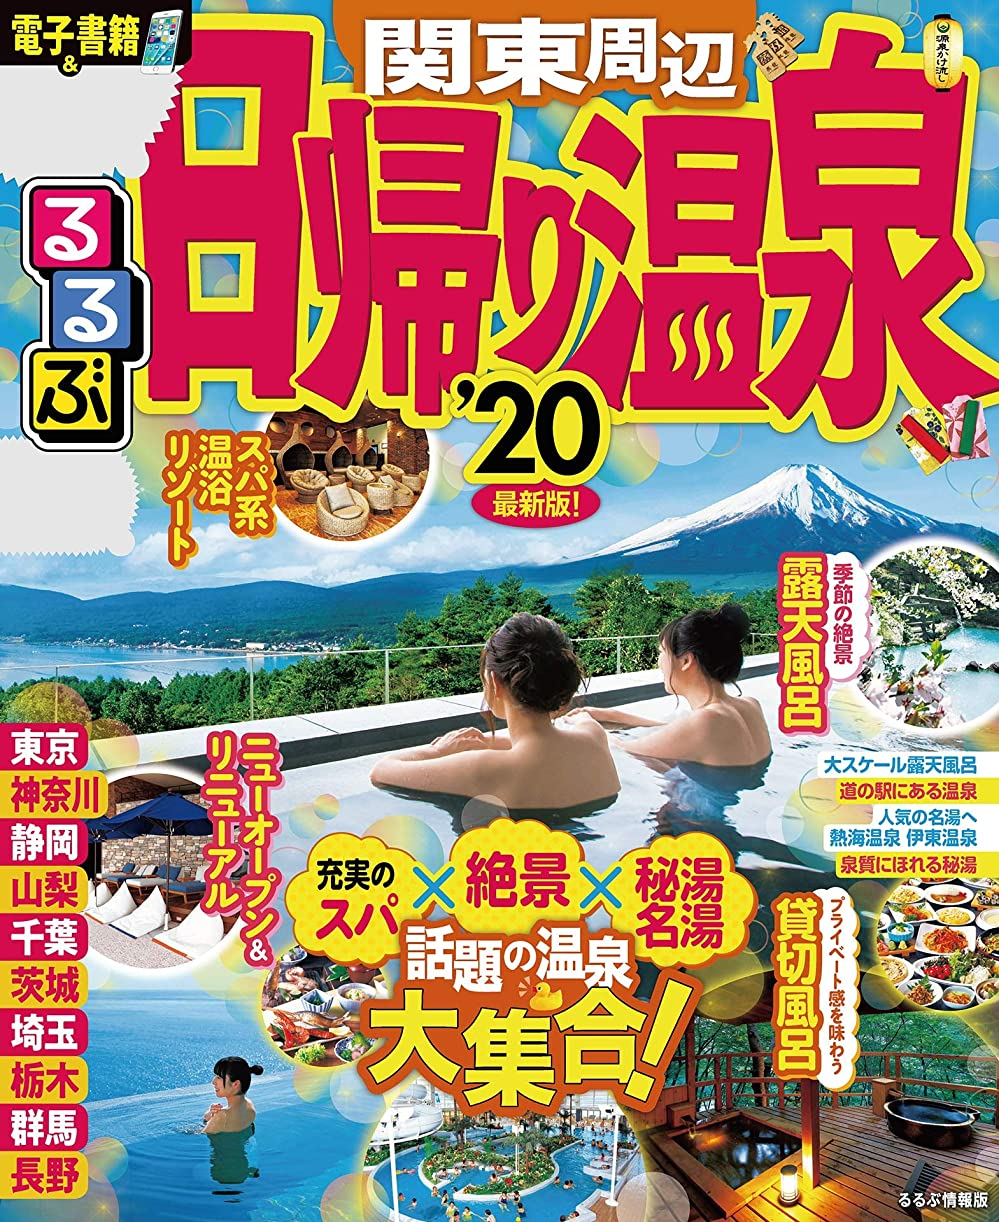 部いつポールるるぶ日帰り温泉 関東周辺'20 (るるぶ情報版(目的))